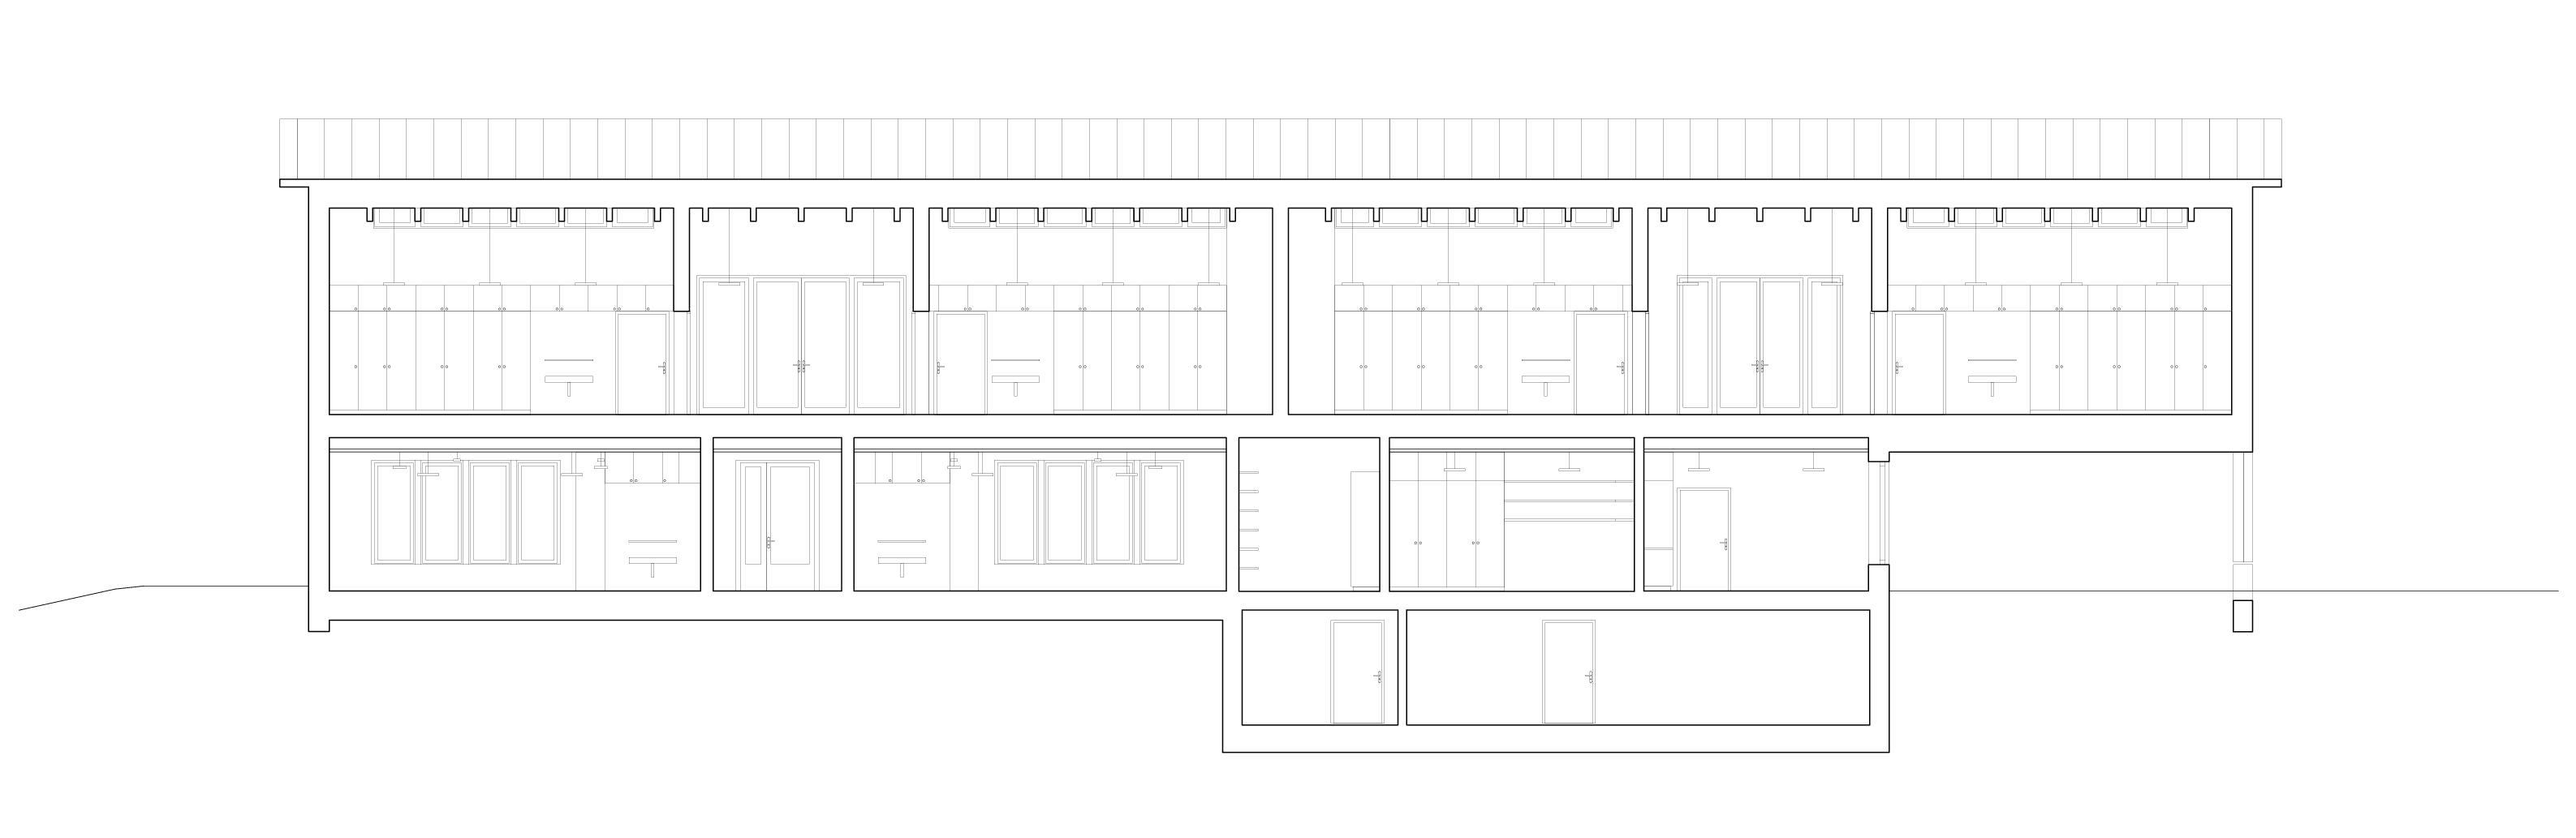 Längsschnitt Schulhaus Alp II, Wangen b. Olten von werk1 architekten und planer ag